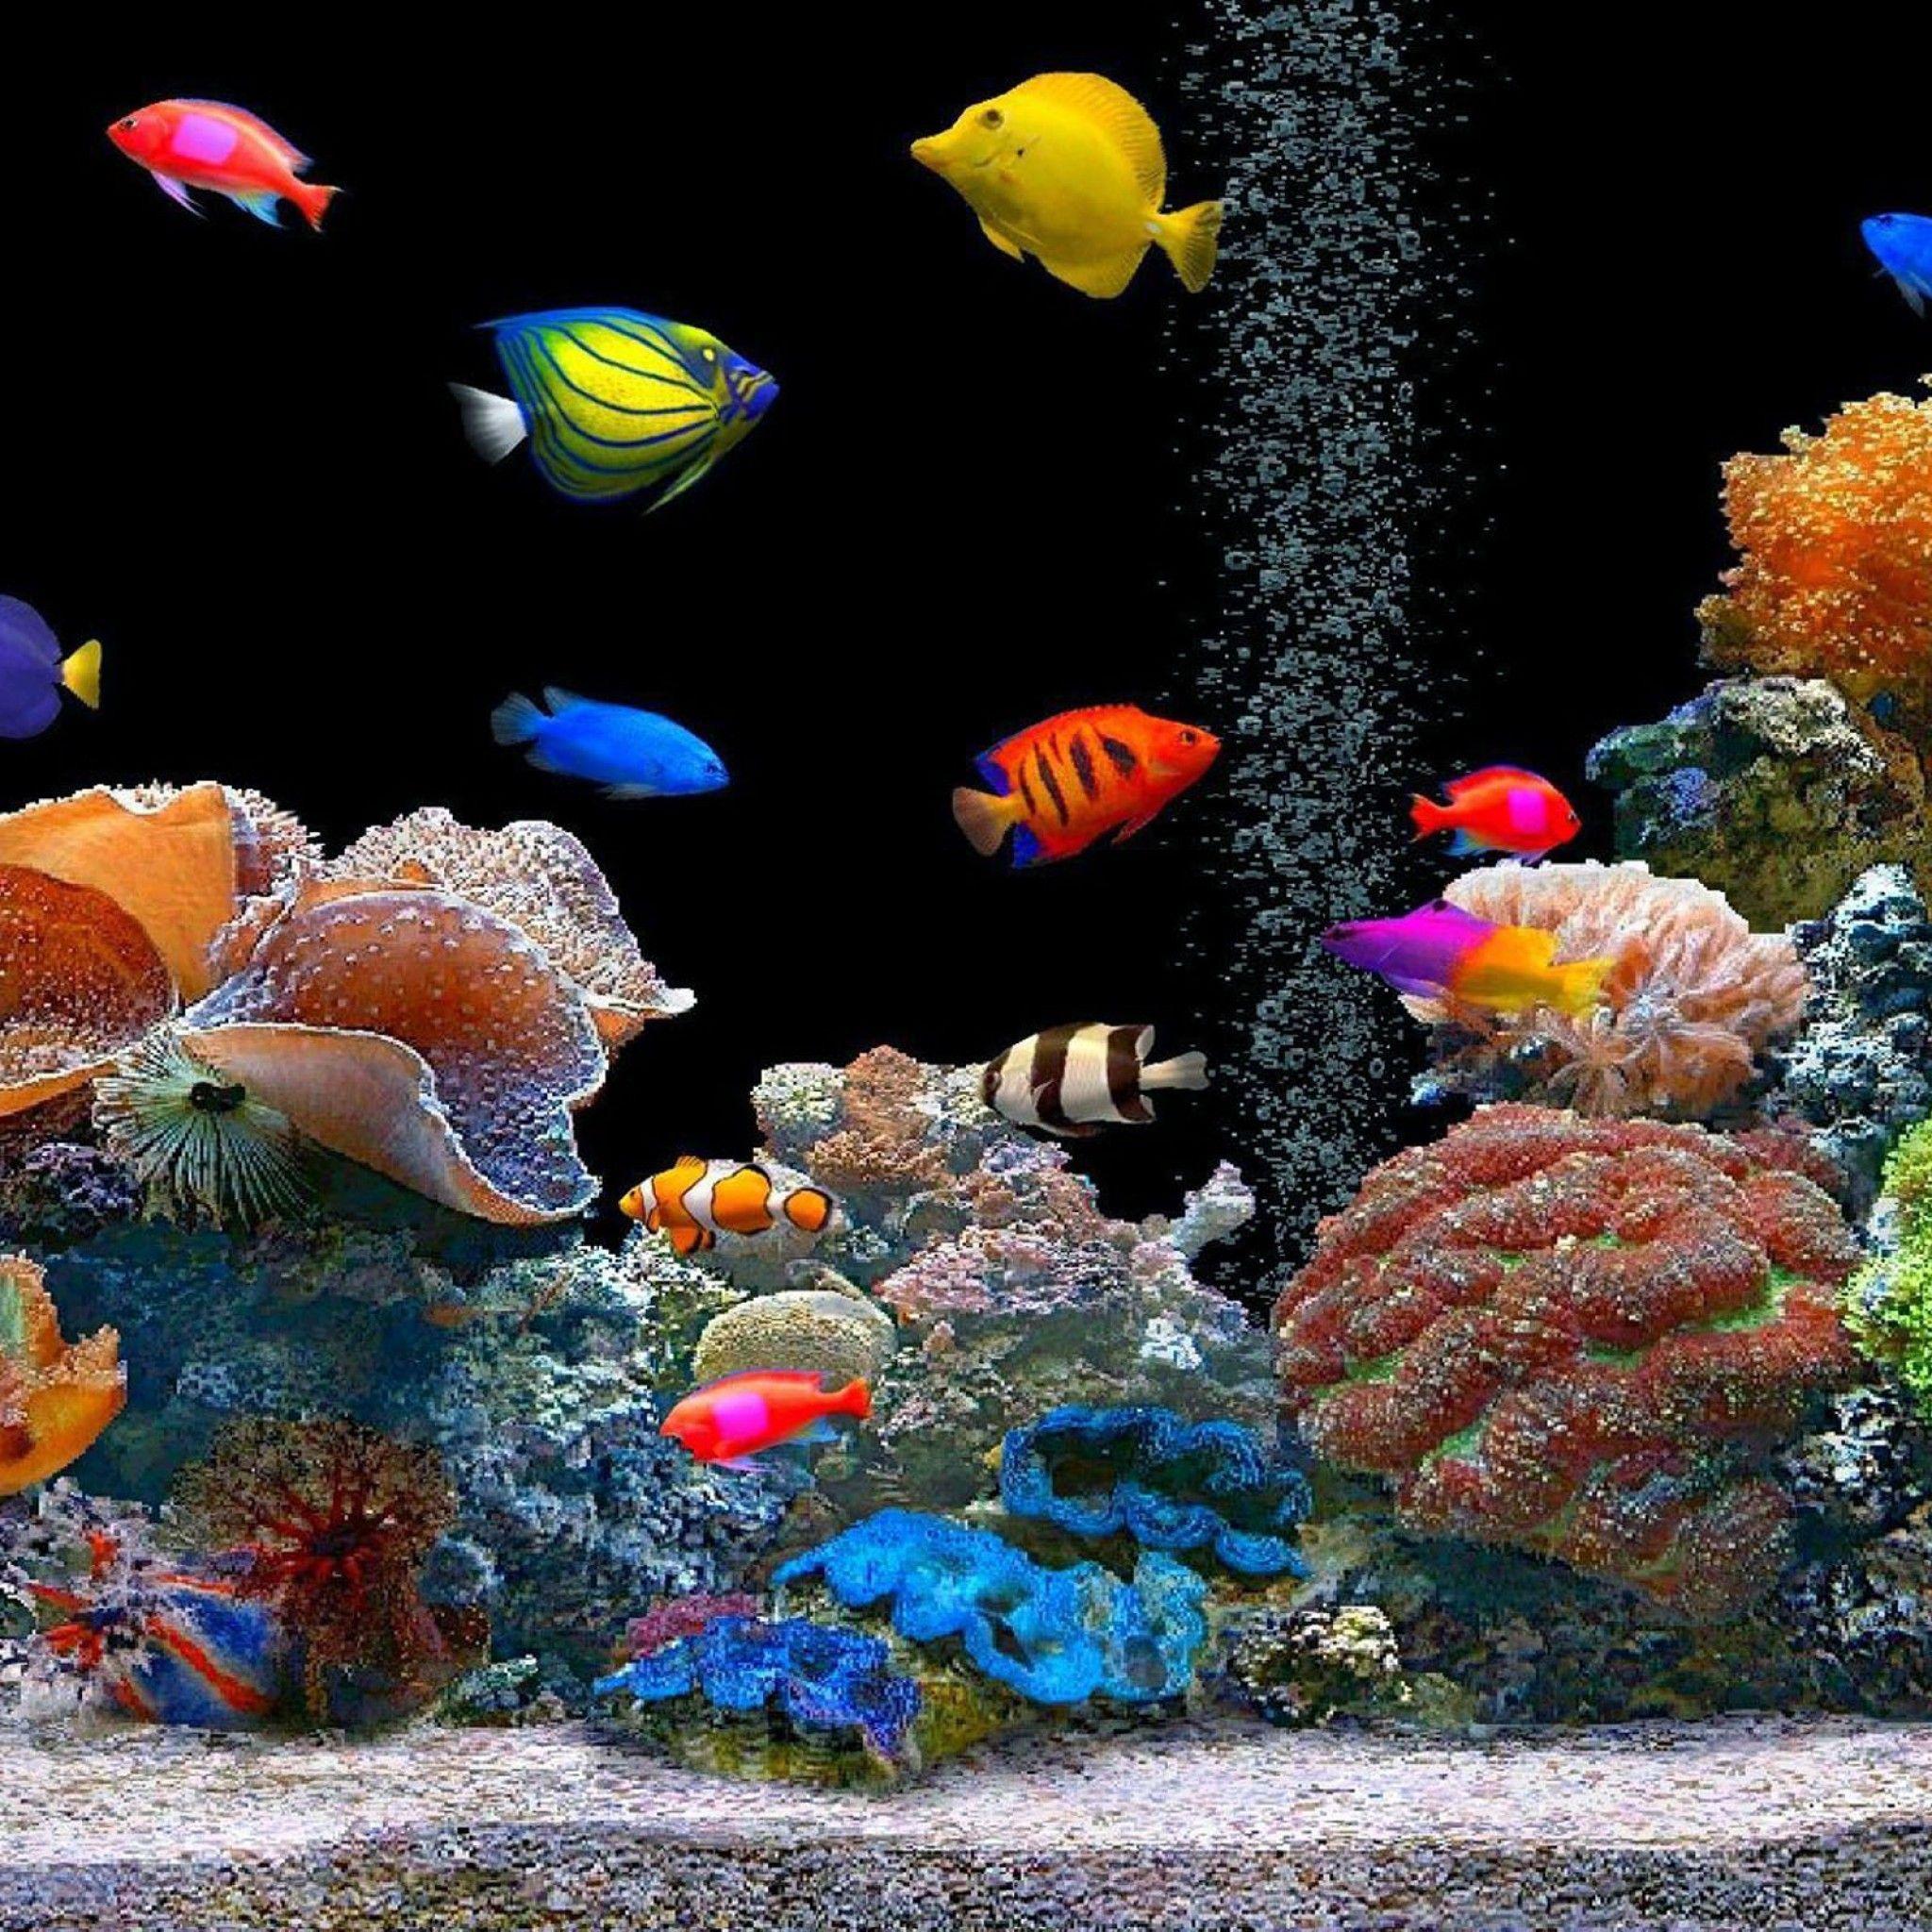 人気299位 宝石のような魚たち Ipad タブレット壁紙ギャラリー 海水水族館 美しい魚 魚